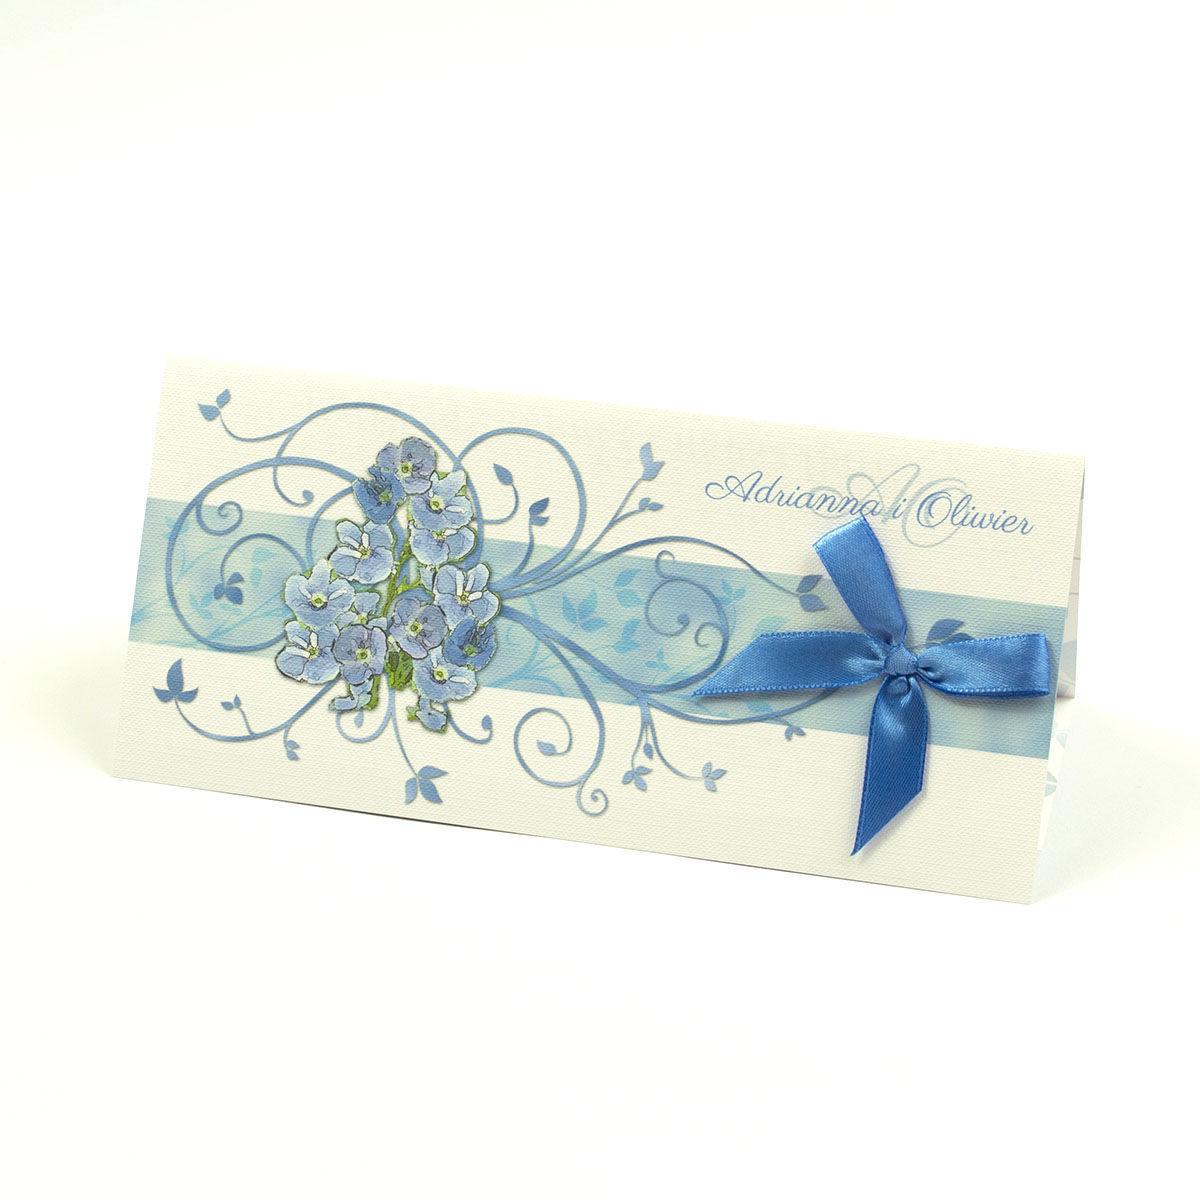 Składane na trzy części kwiatowe zaproszenia ślubne w formacie DL. Niebiesko-zielony motyw kwiatowy, niebieska kokardka i interesujący motyw ozdobny. ZAP-95-11